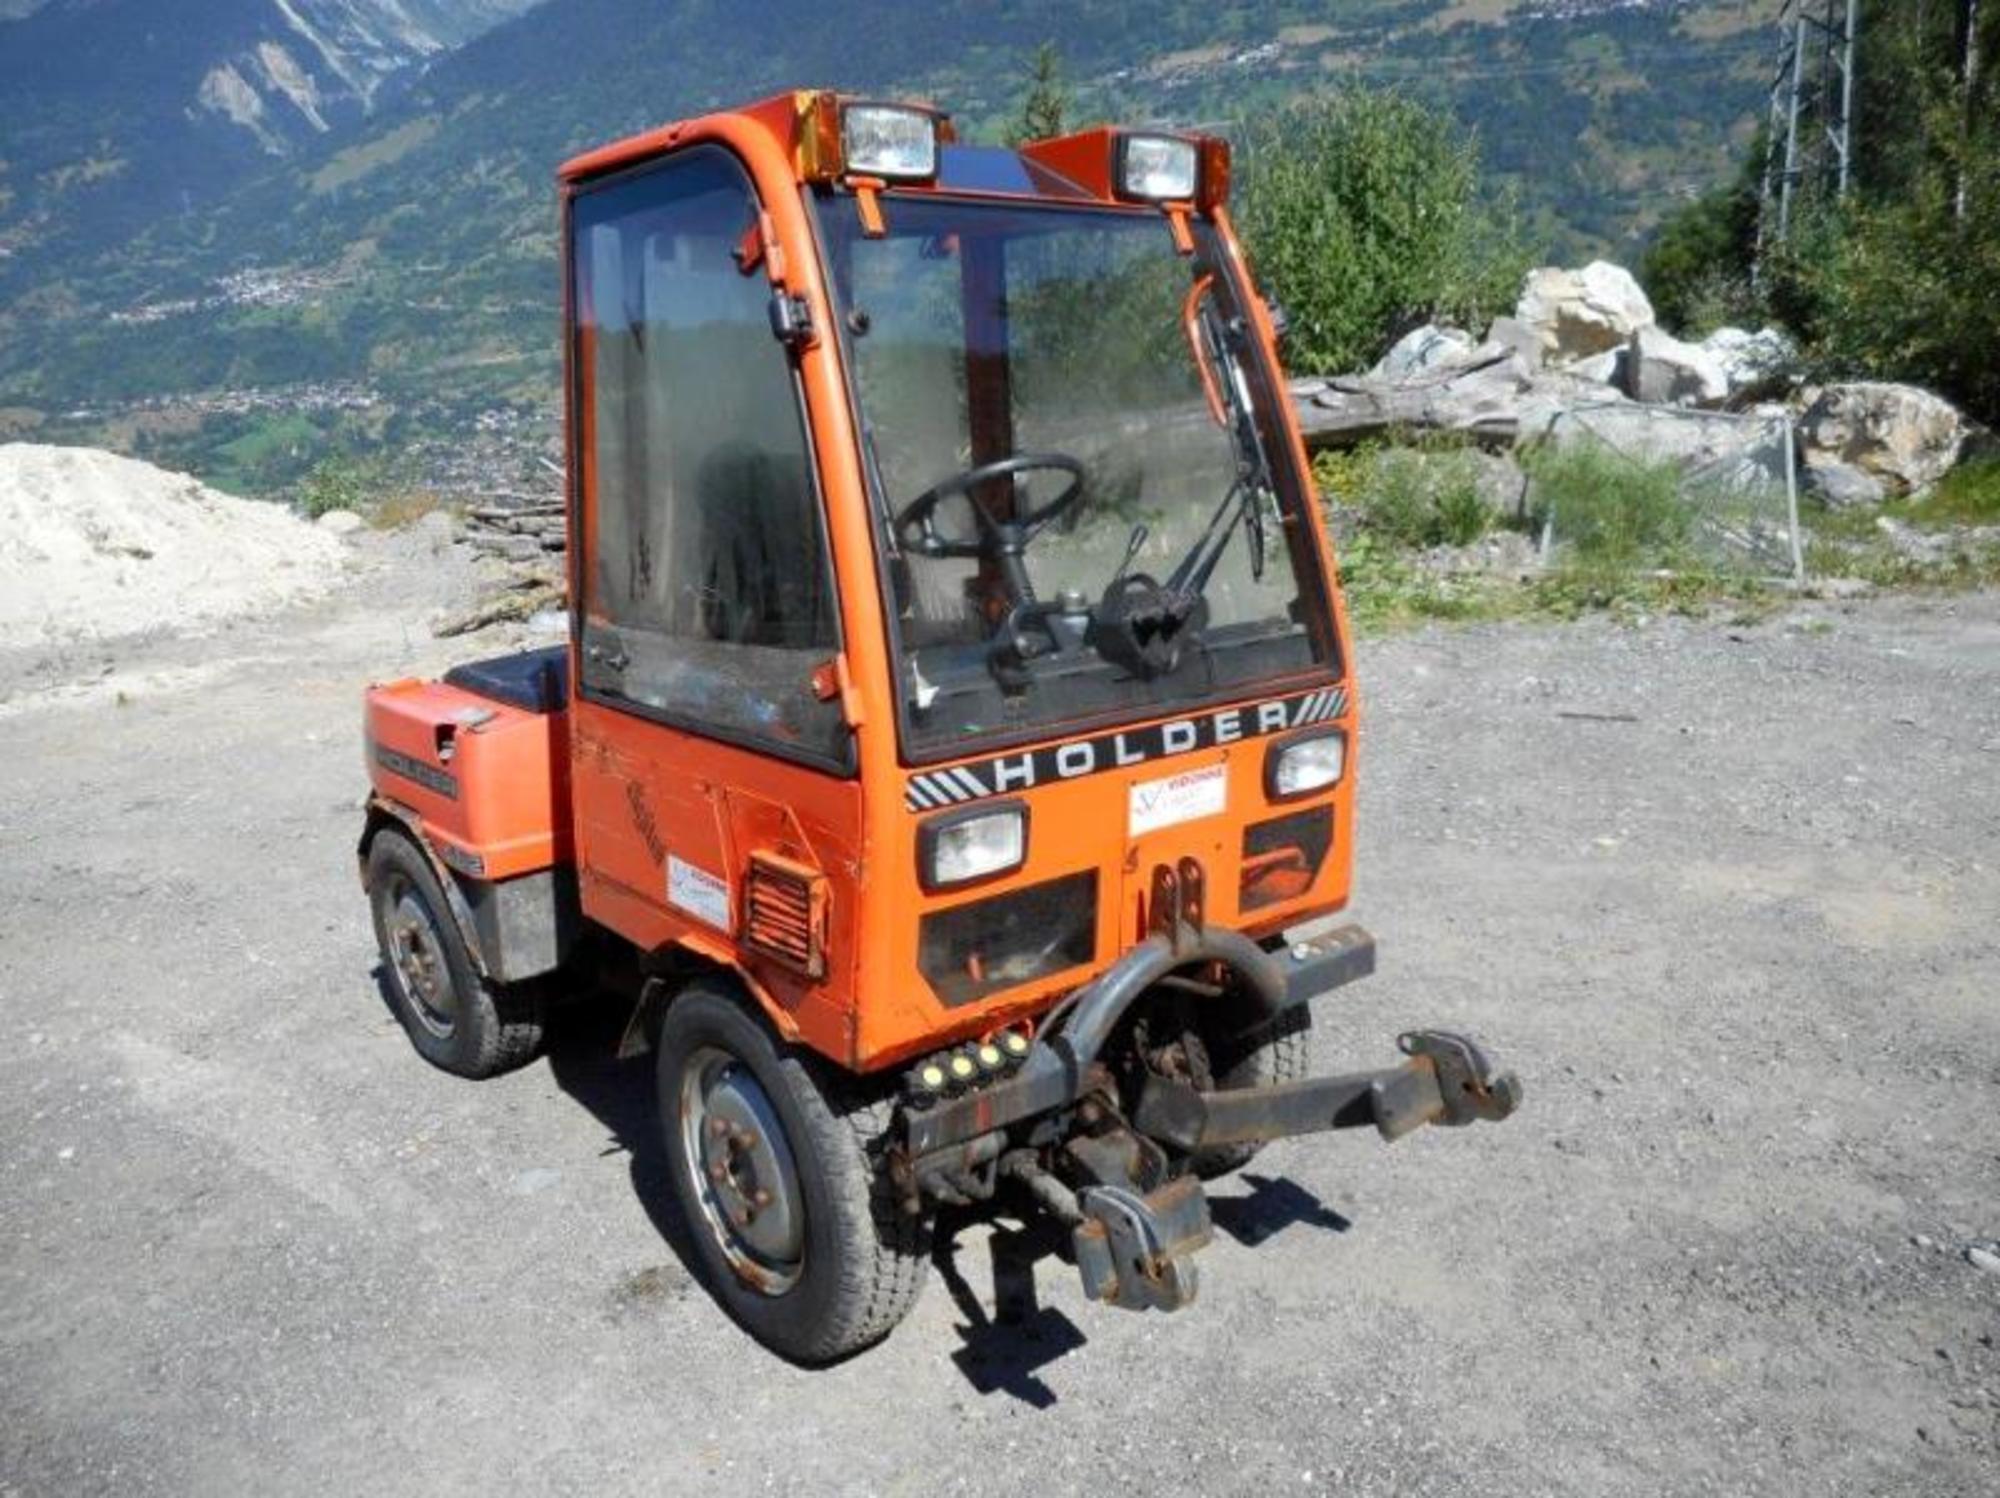 holder c2 42 - tracteur d u0026 39 occasion aux ench u00e8res